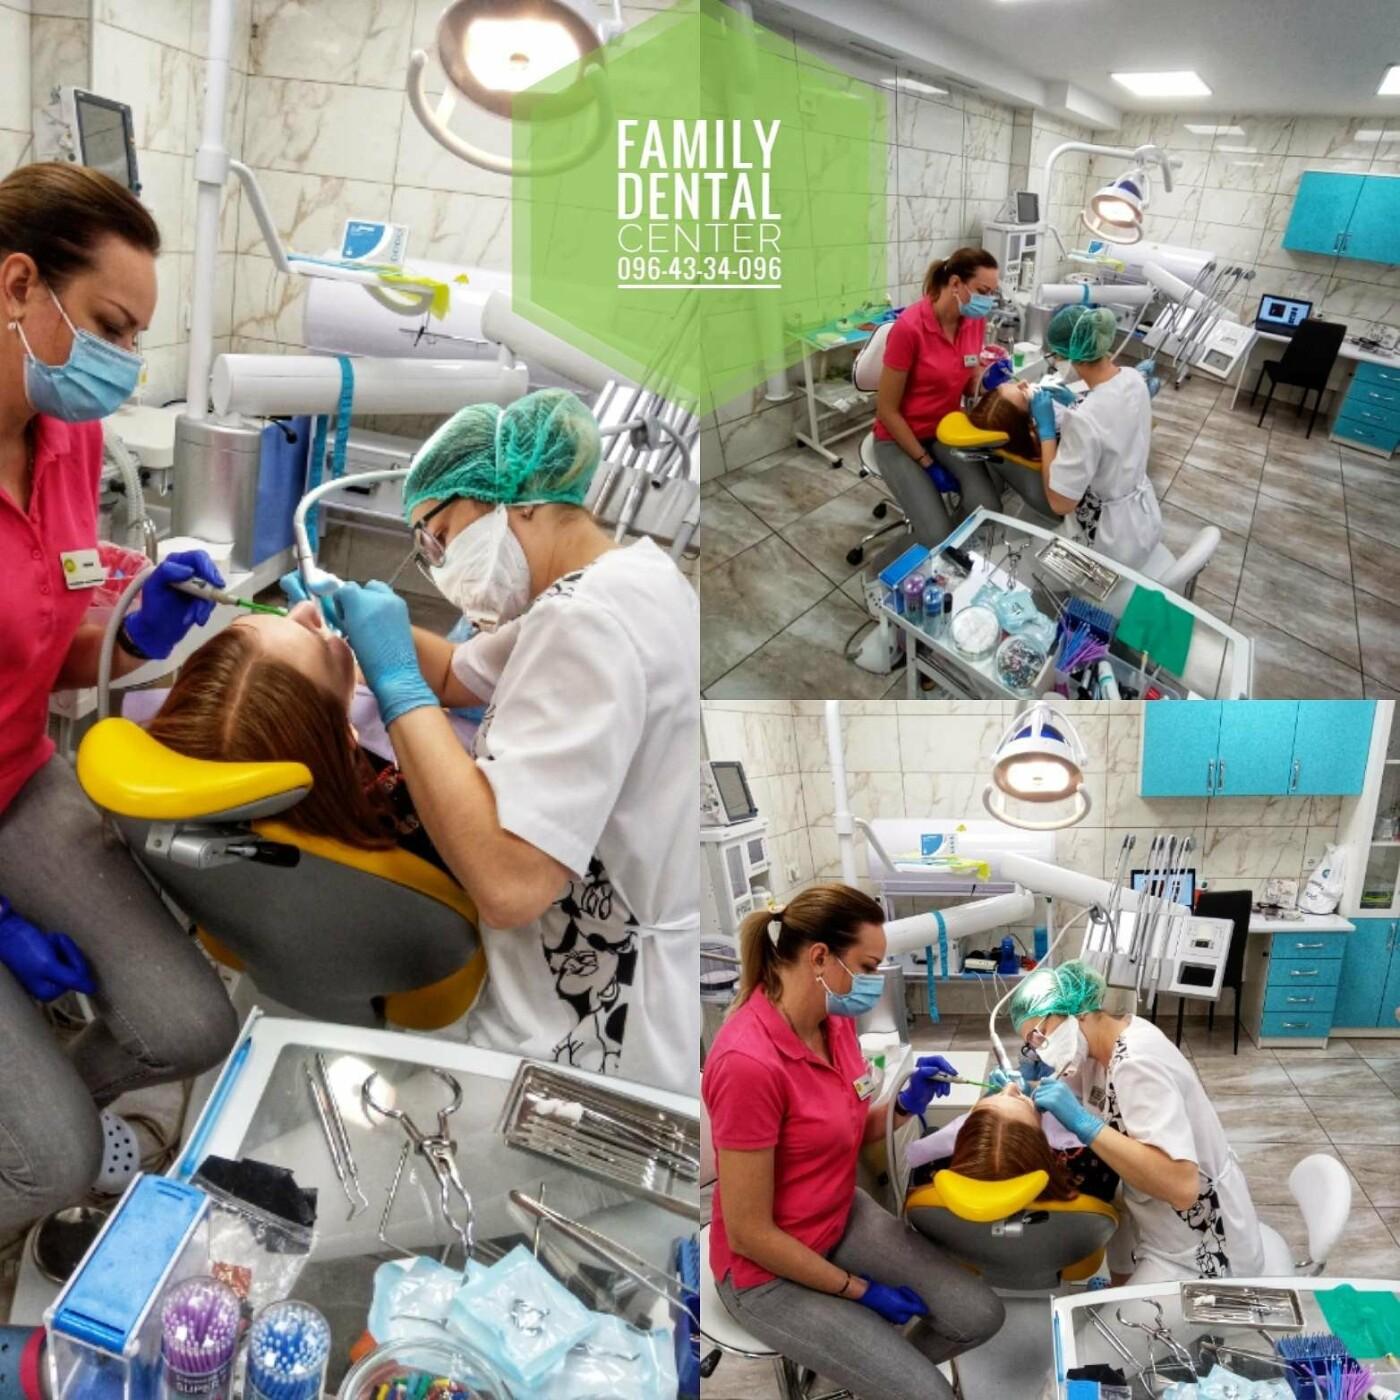 Лечение без боли: ТОП стоматологических клиник Кривого Рога, фото-5